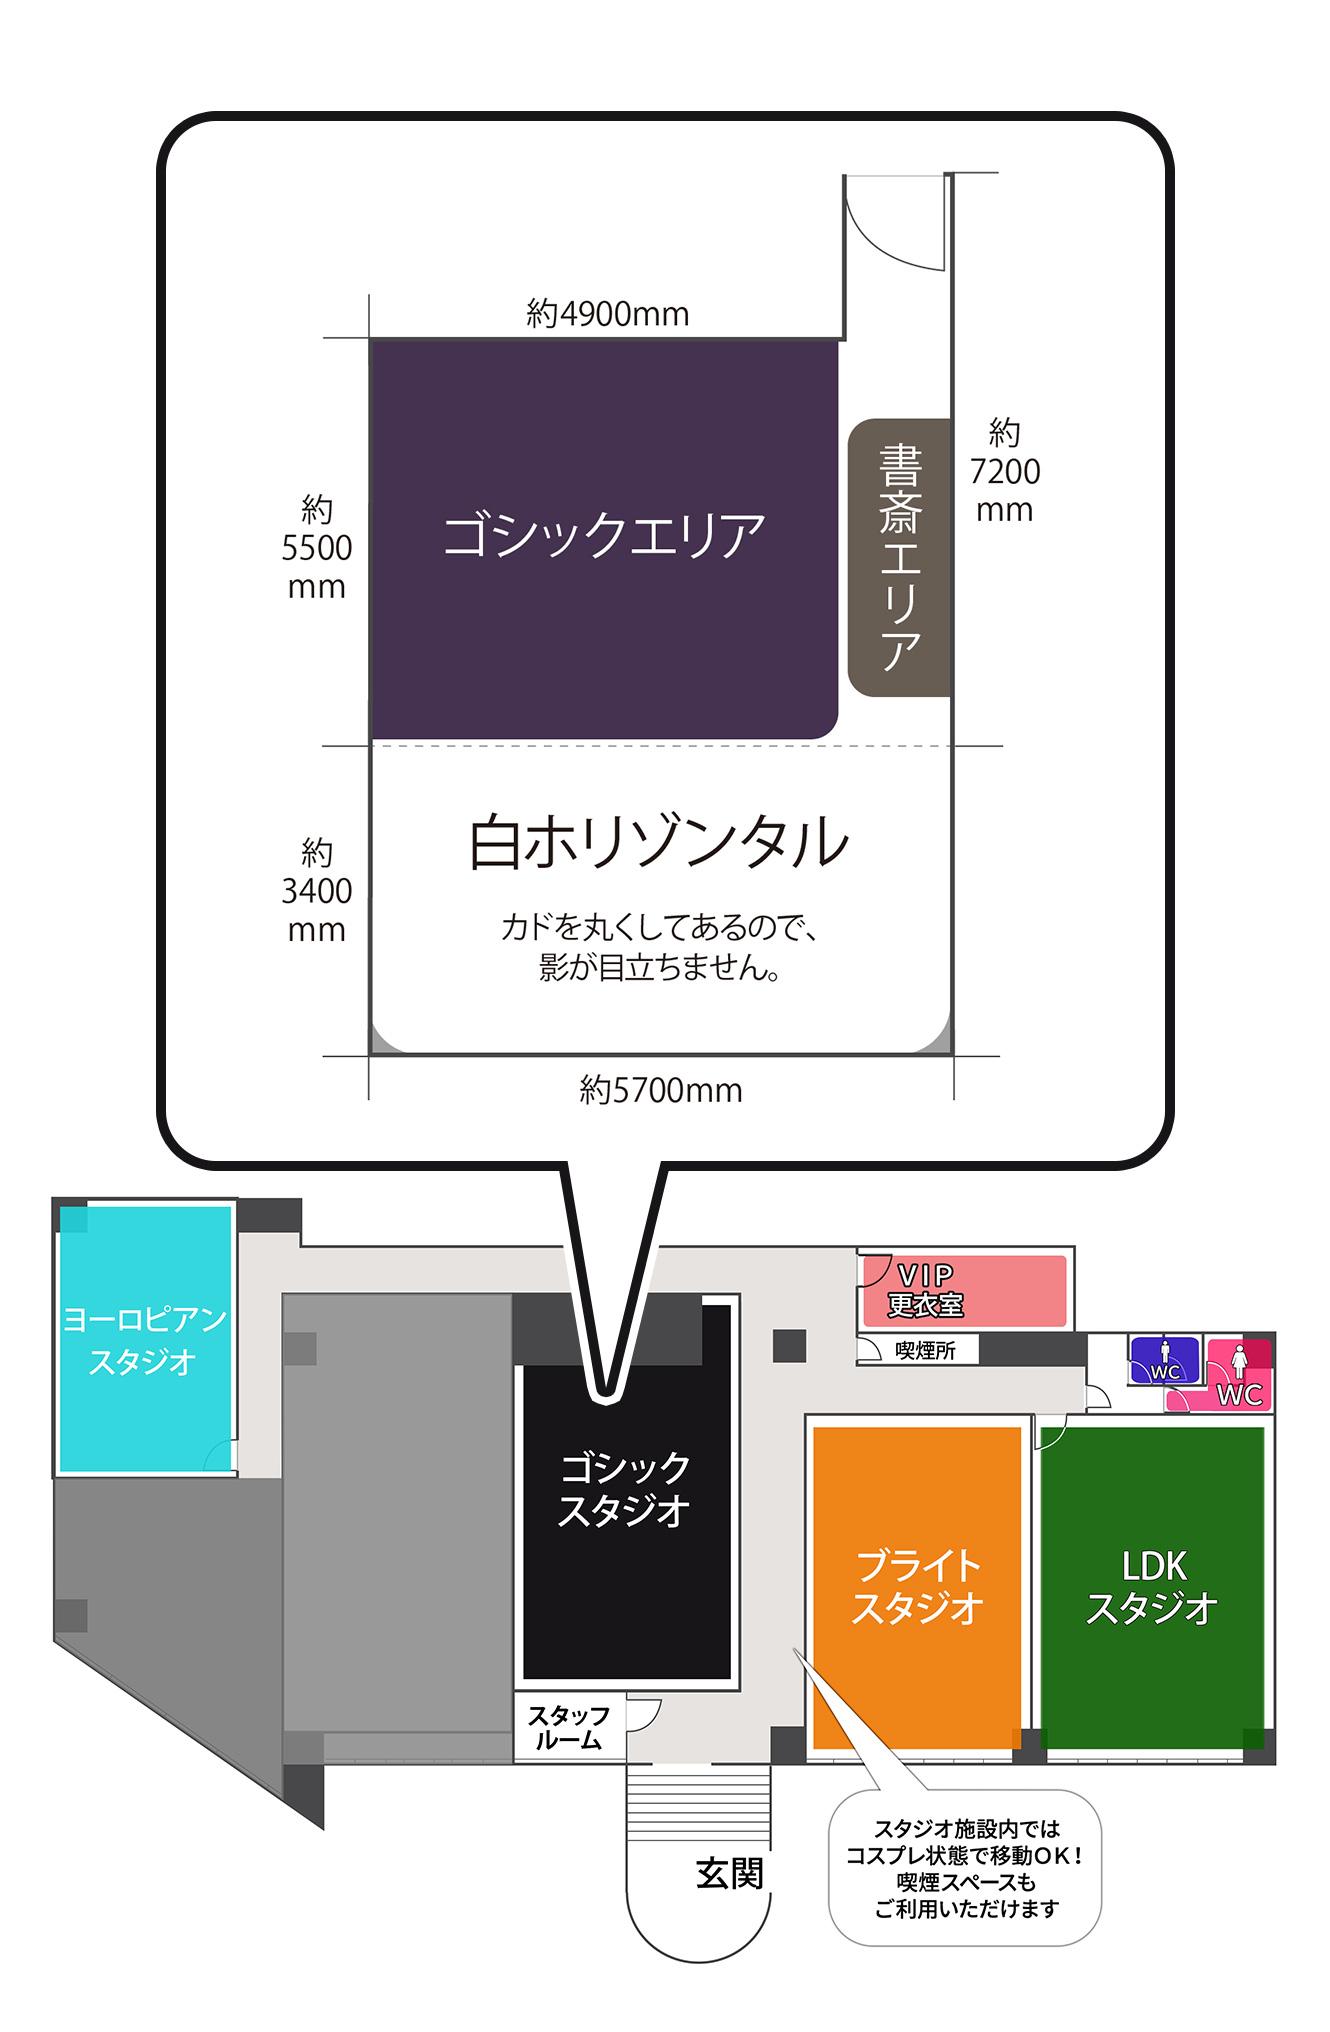 大阪平野店ゴシックスタジオ